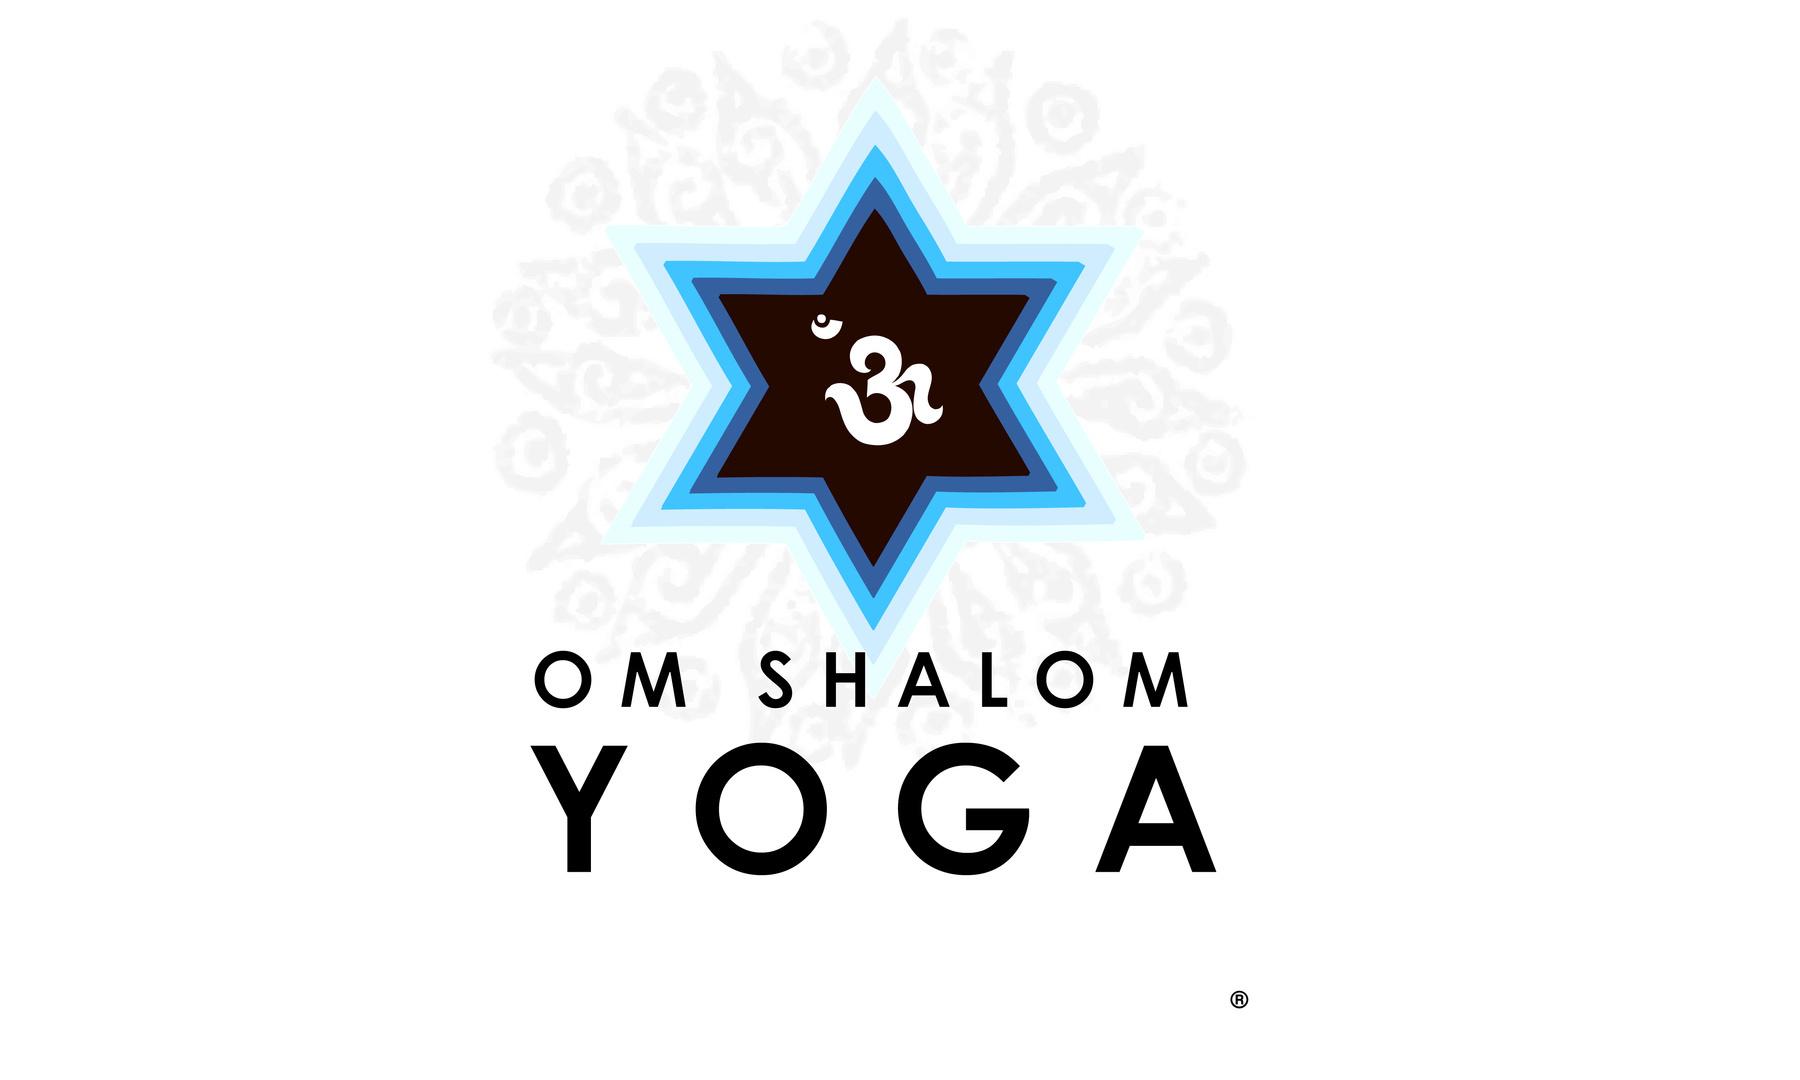 Om Shalom Yoga